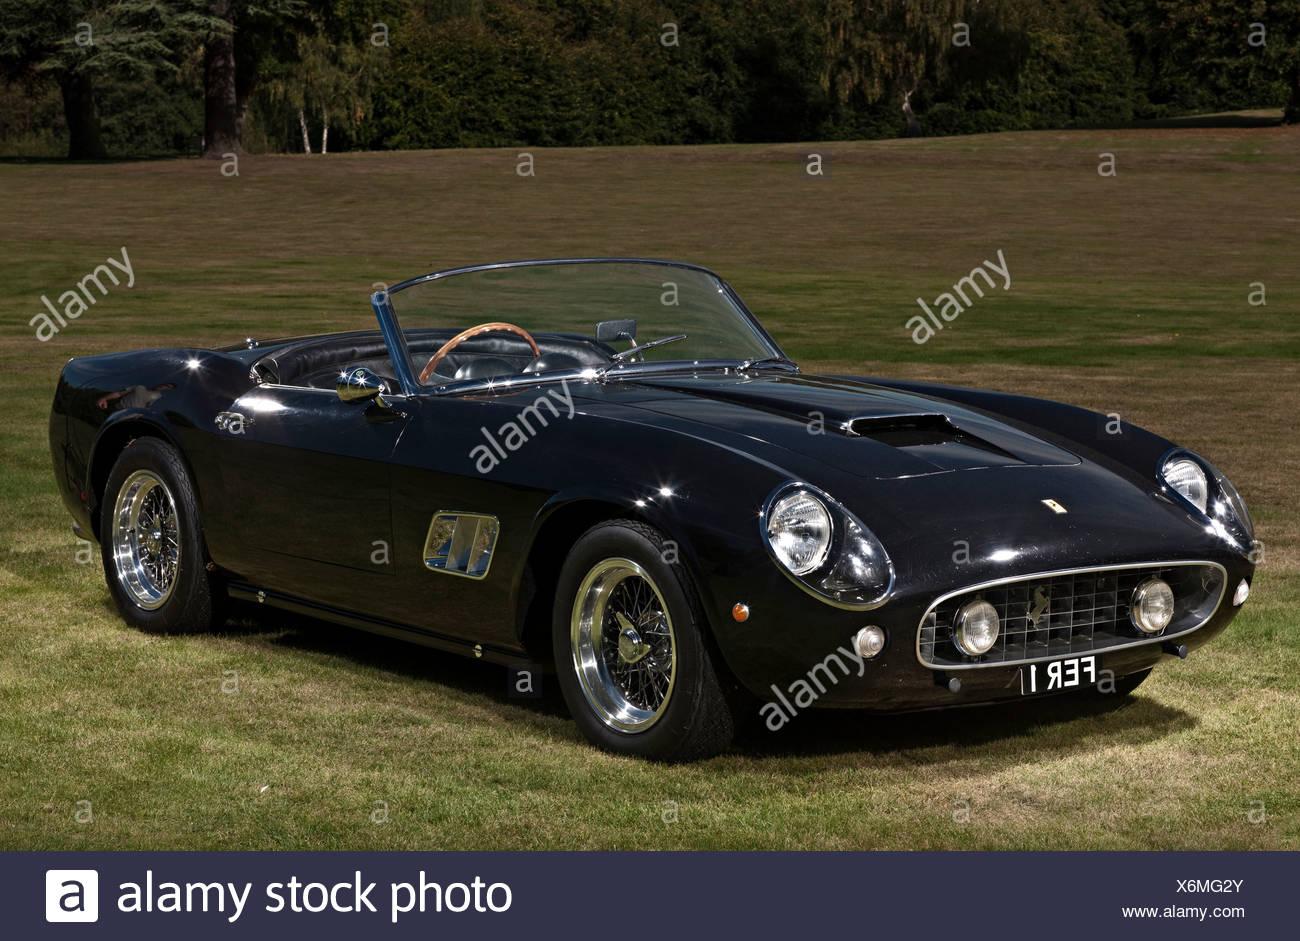 Black Classic Ferrari California Sportwagen Stockfotografie Alamy